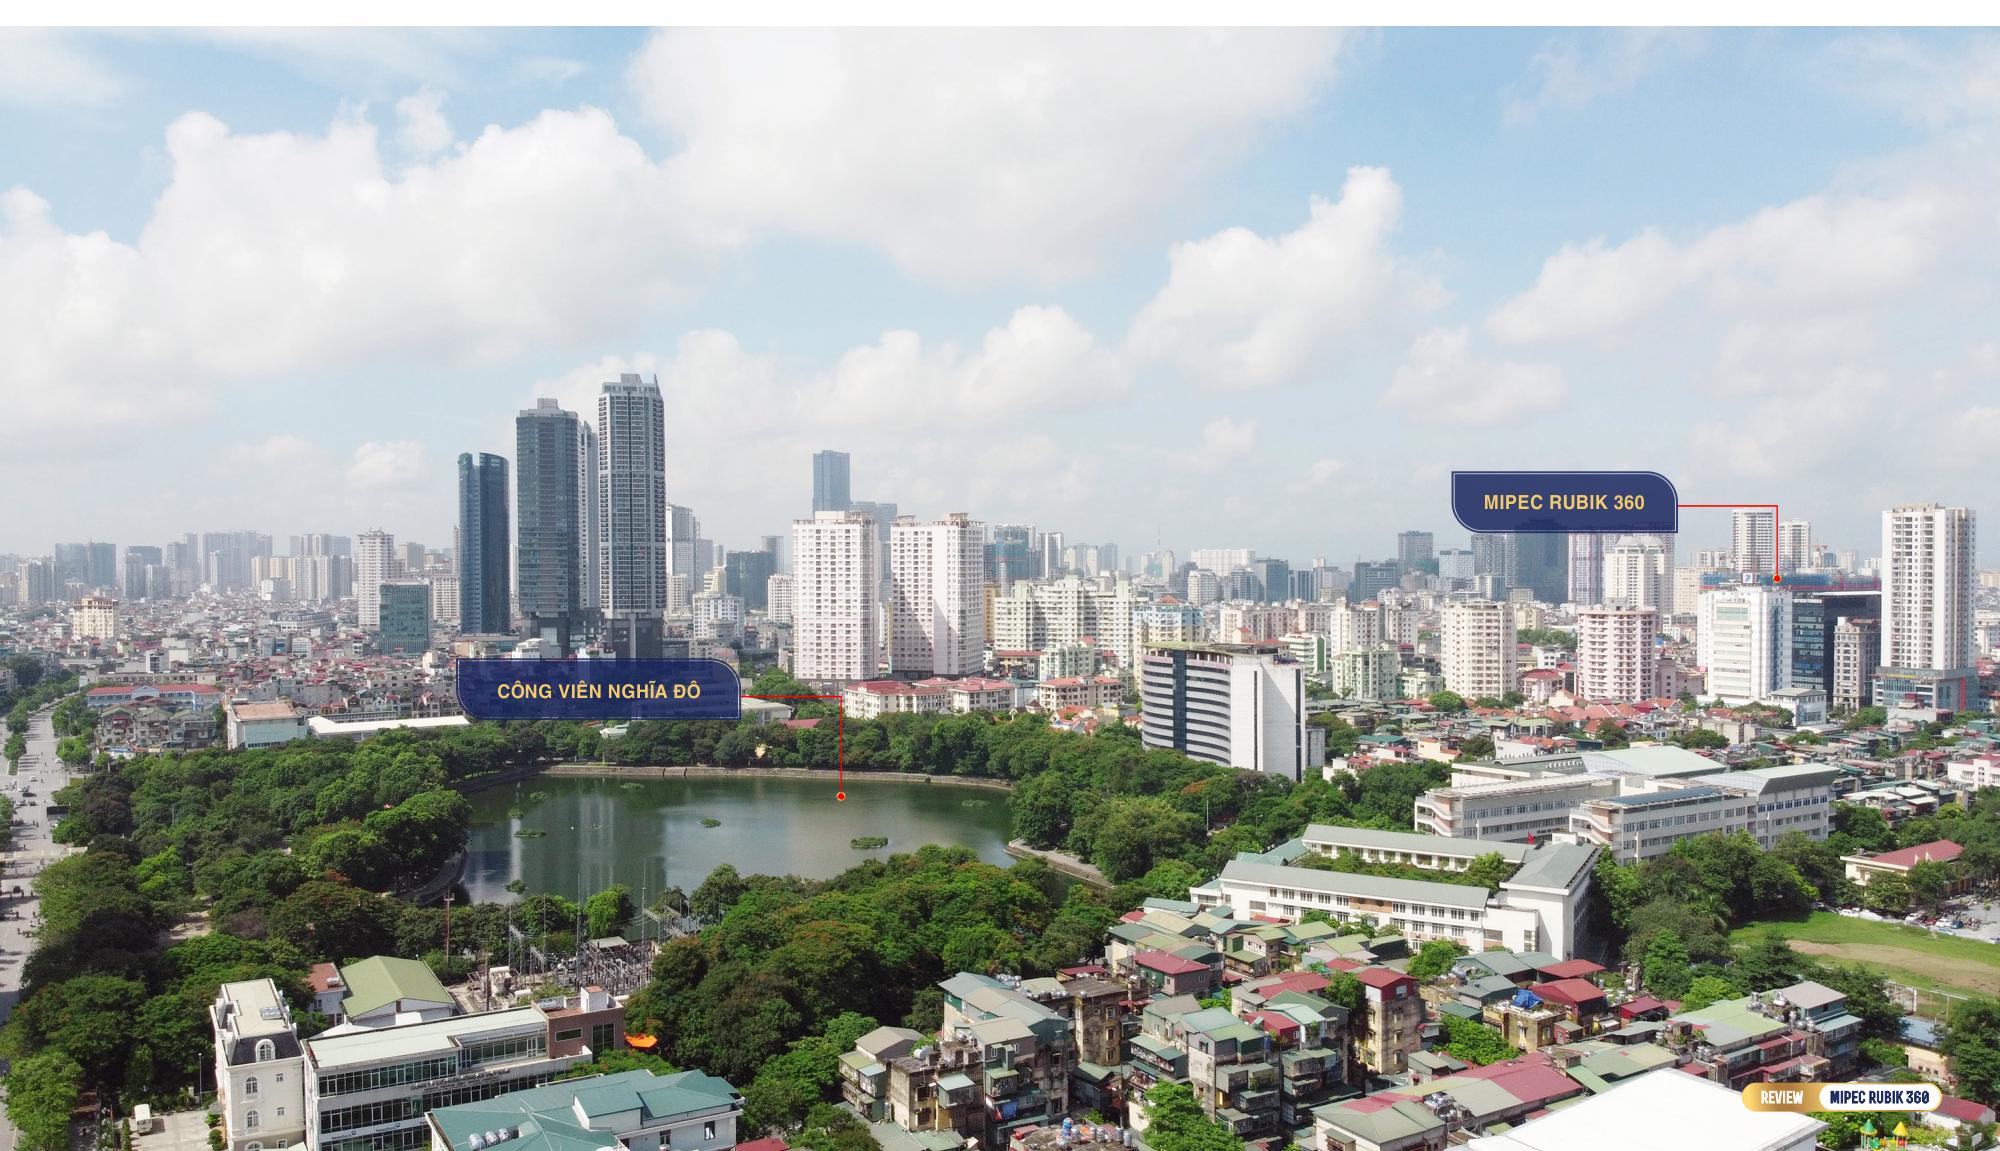 Review dự án Mipec Rubik 360: Tổ hợp biệt thự, chung cư cao tầng hiếm hoi trên trục đường Xuân Thủy - Ảnh 5.